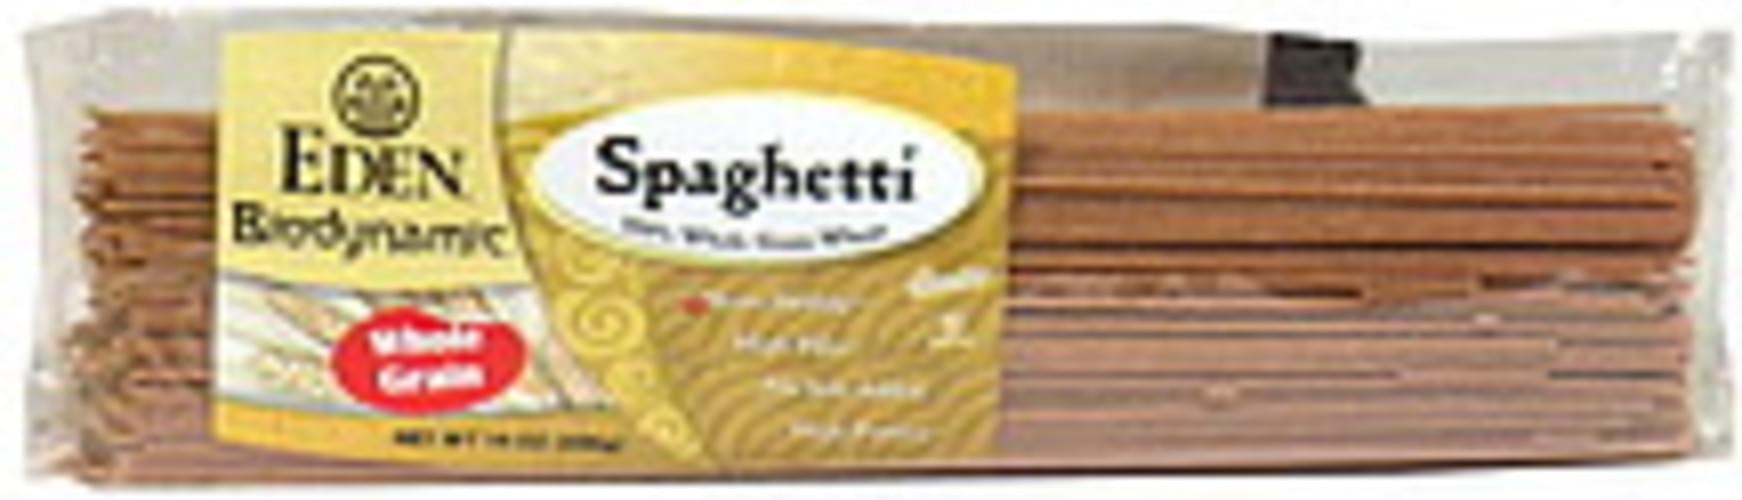 Eden Spaghetti - 14 oz